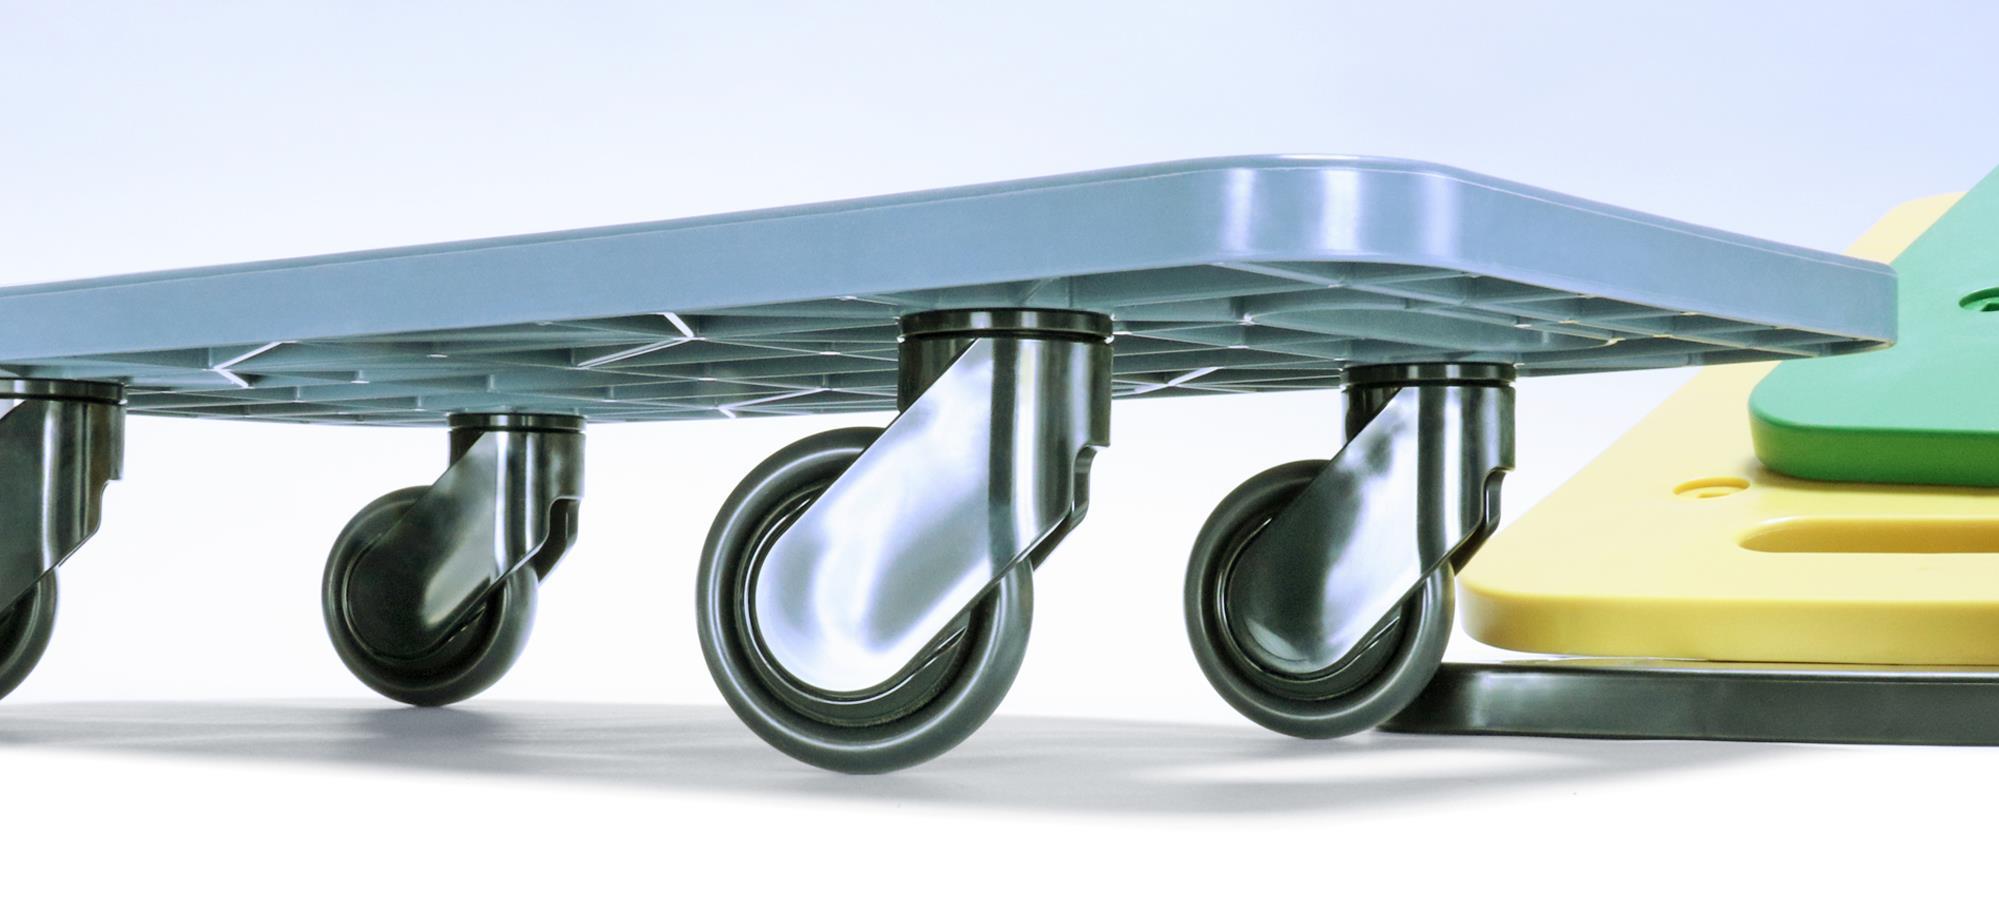 CUSCINETTI MOTORE SOSPENSIONE MOTORE stoccaggio per Motore Blocco Motore in modo ottimale su entrambi i lati